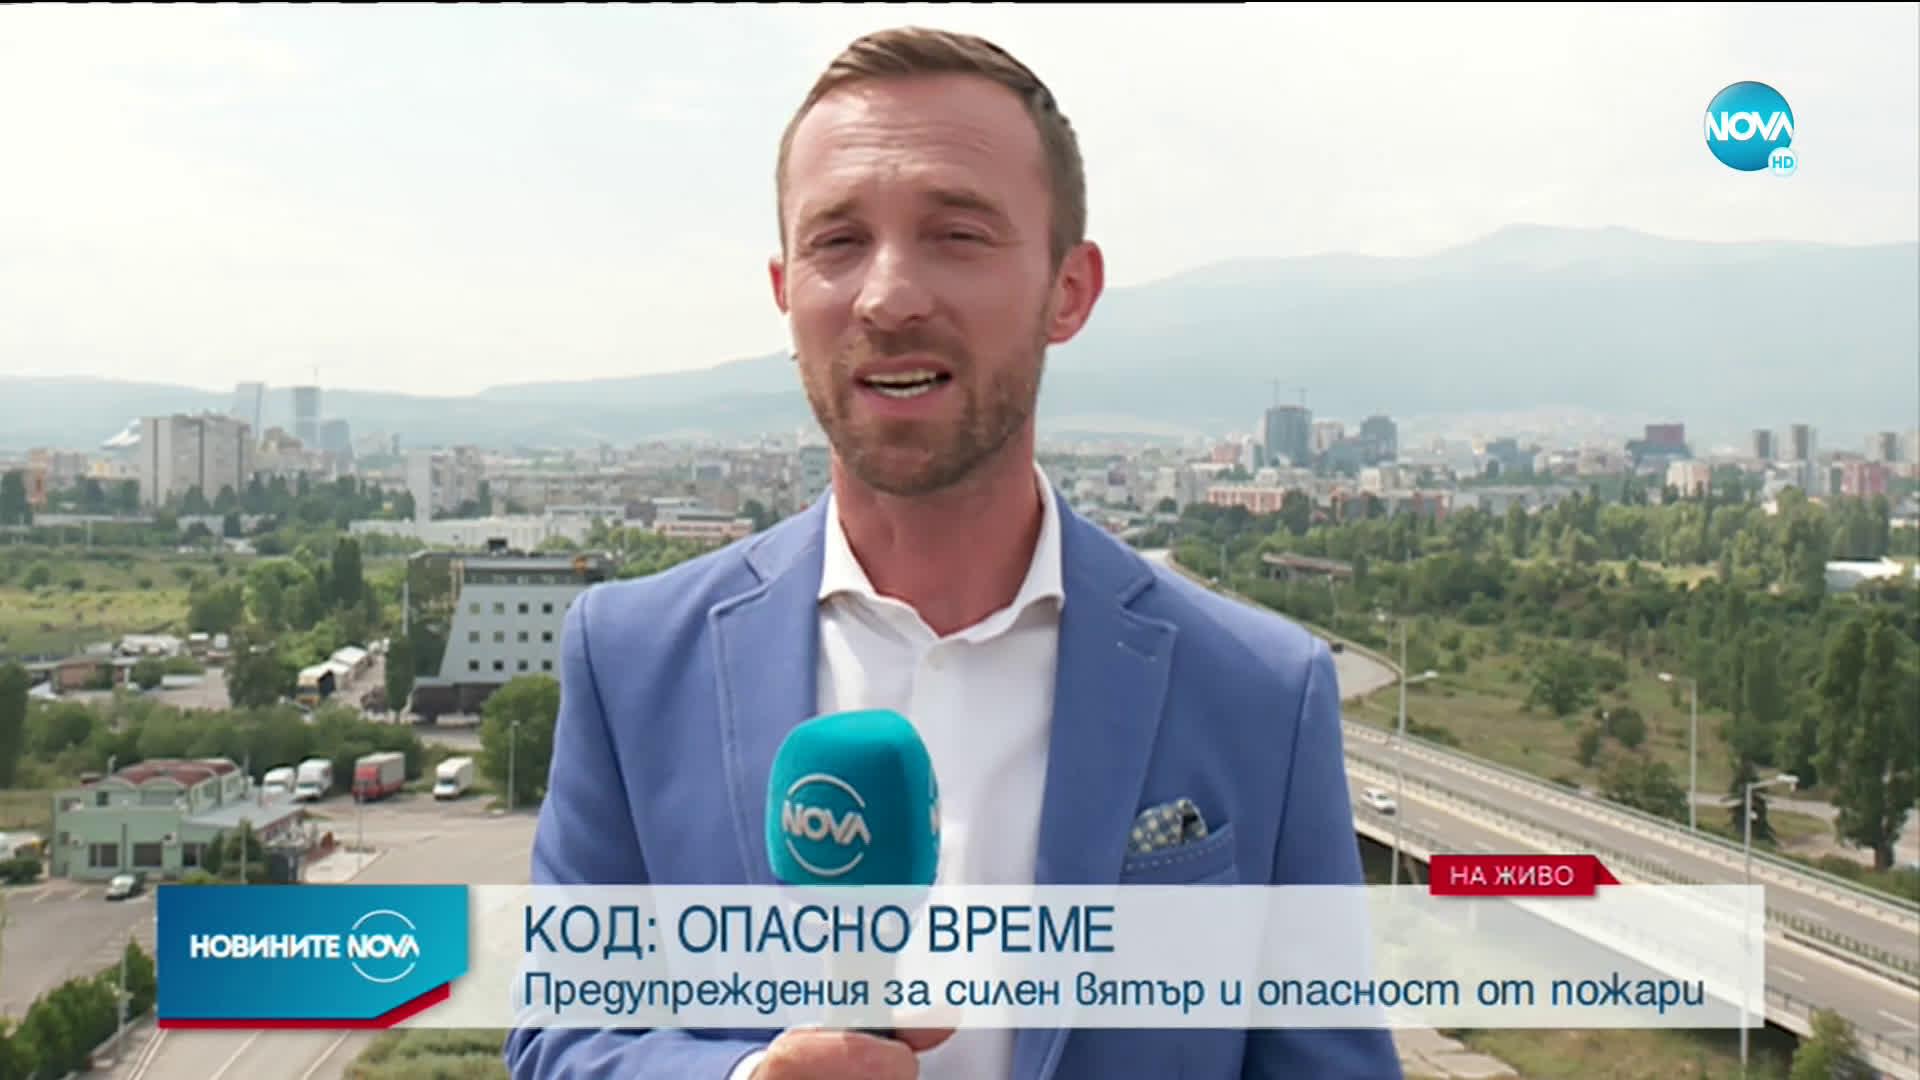 Висок риск от пожари в Източна България